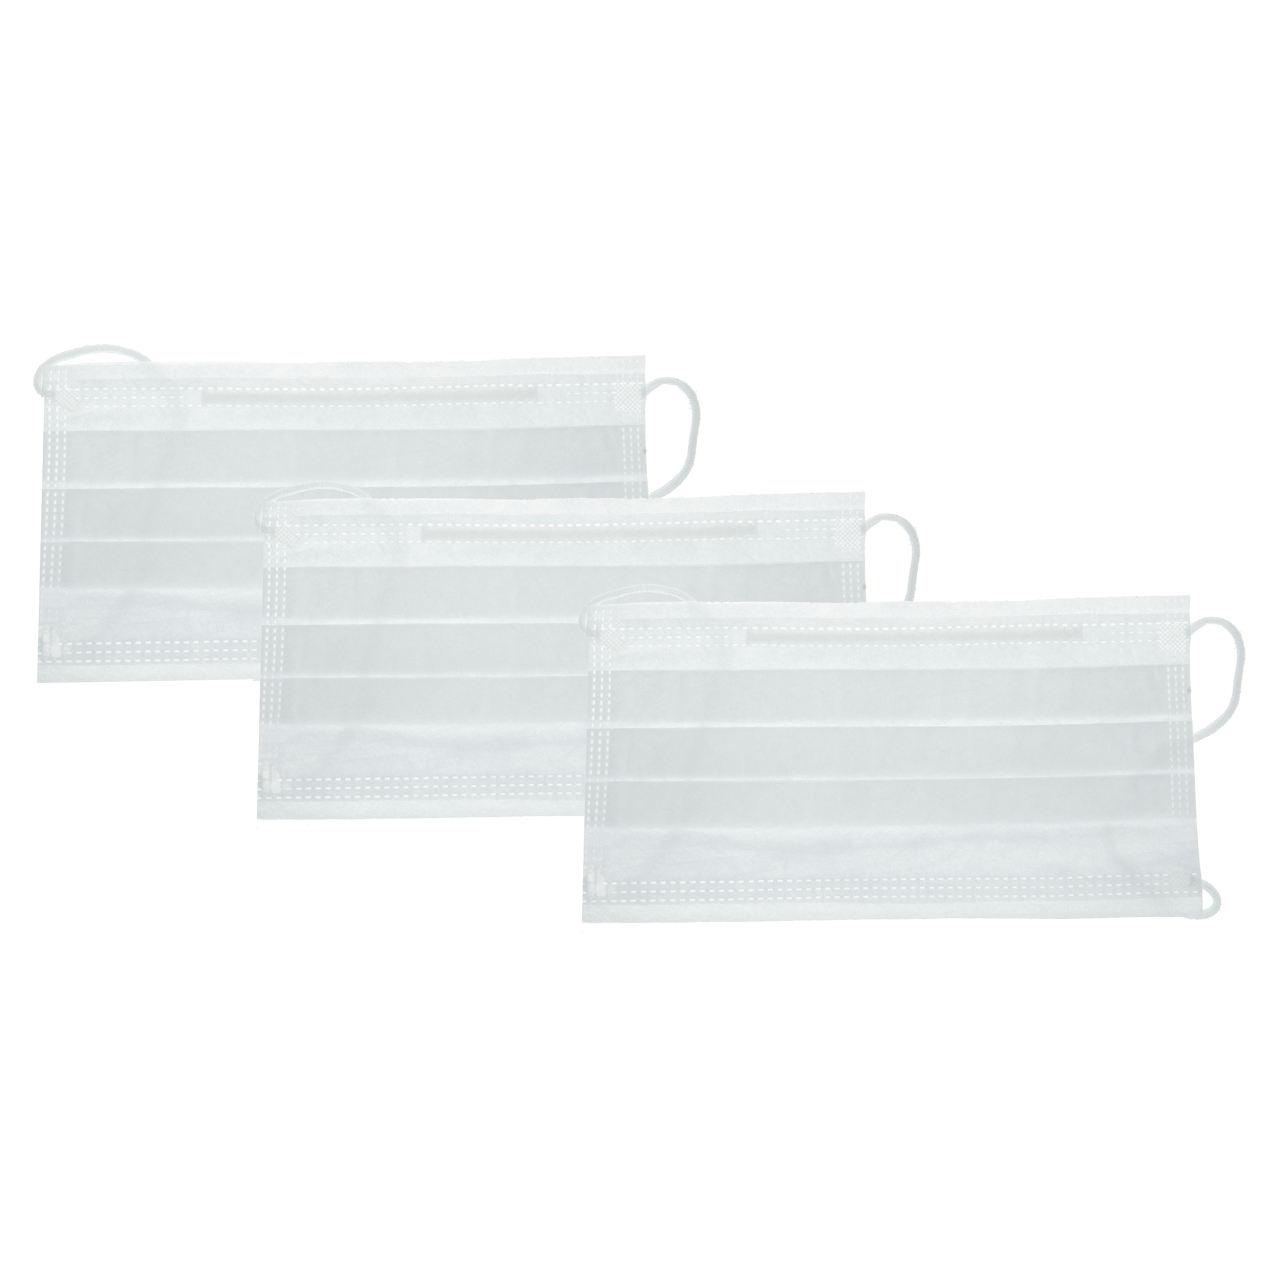 ماسک تنفسی مدل P01 بسته 50 عددی main 1 1